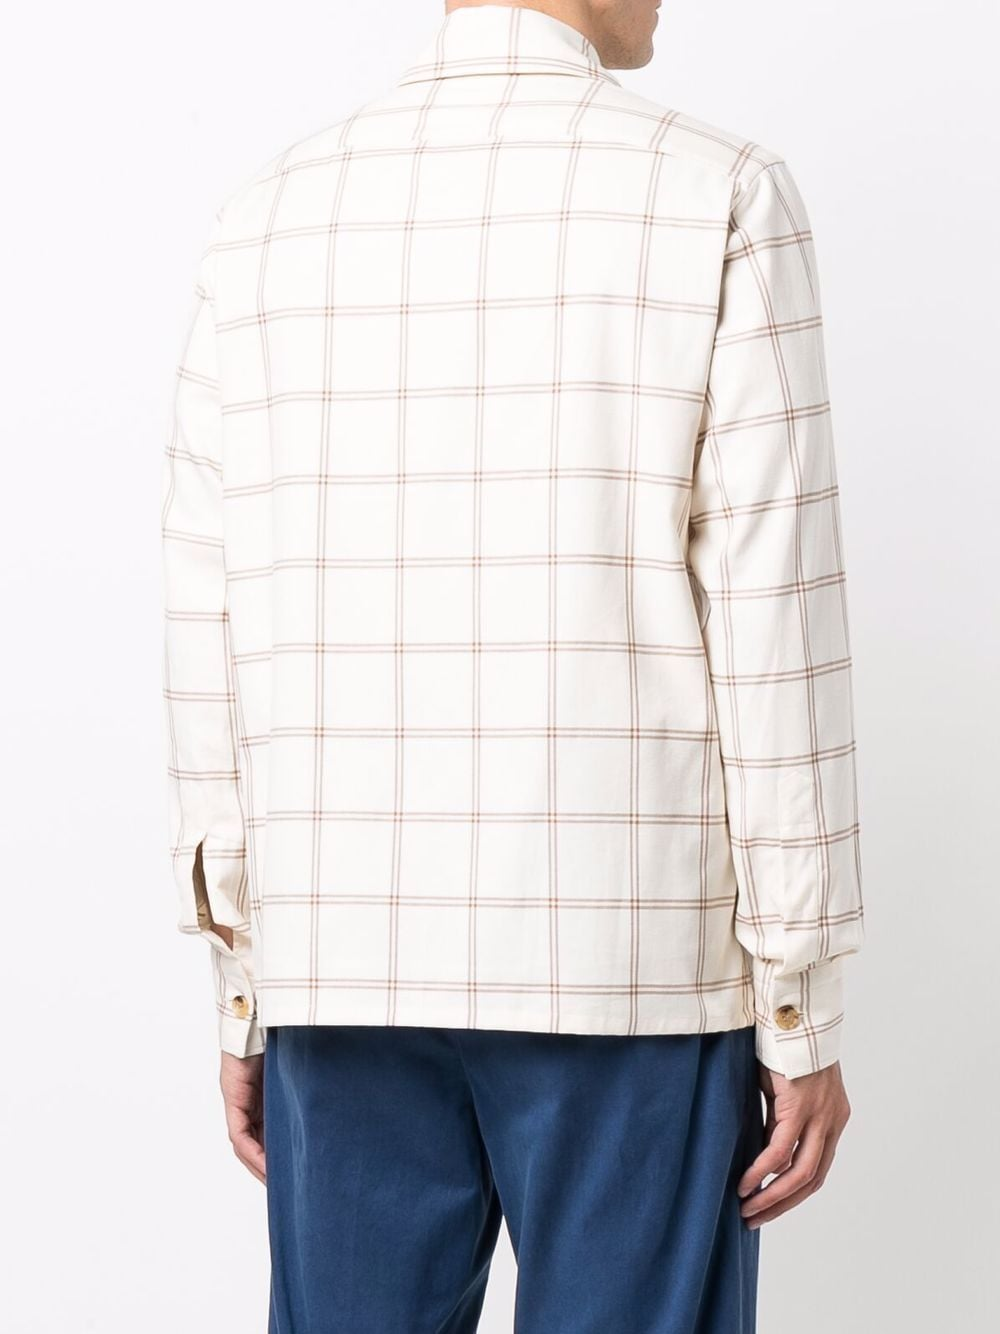 camicia in cotone biancoa quadri cammello ELEVENTY   Camicie   D75CAMD01-TES0D07904